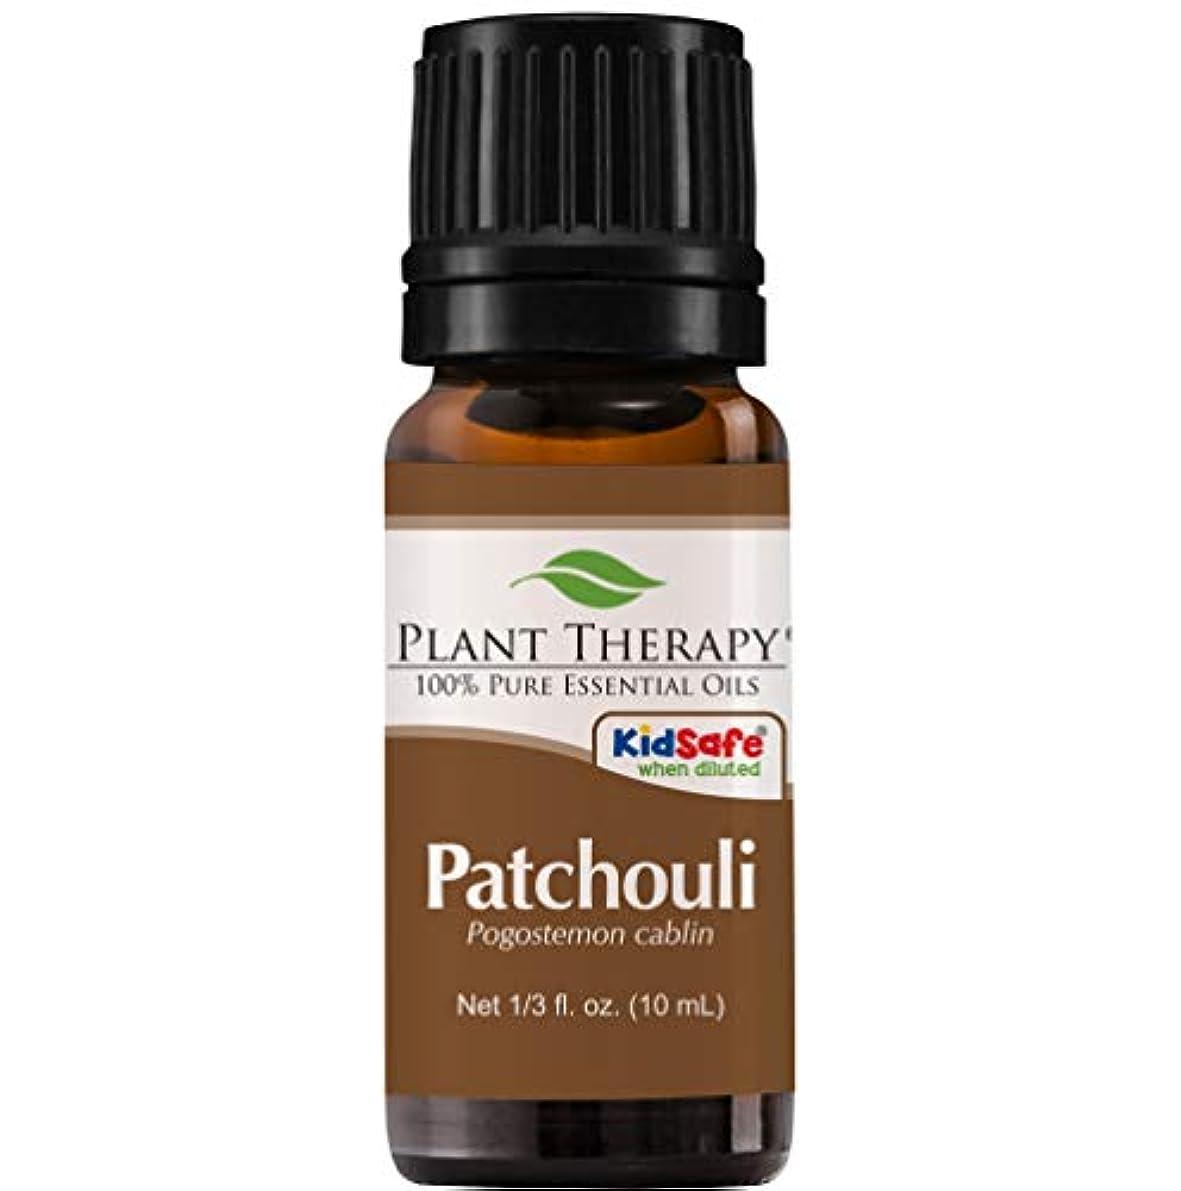 混合便宜セージPlant Therapy Essential Oils (プラントセラピー エッセンシャルオイル) パチョリ エッセンシャルオイル